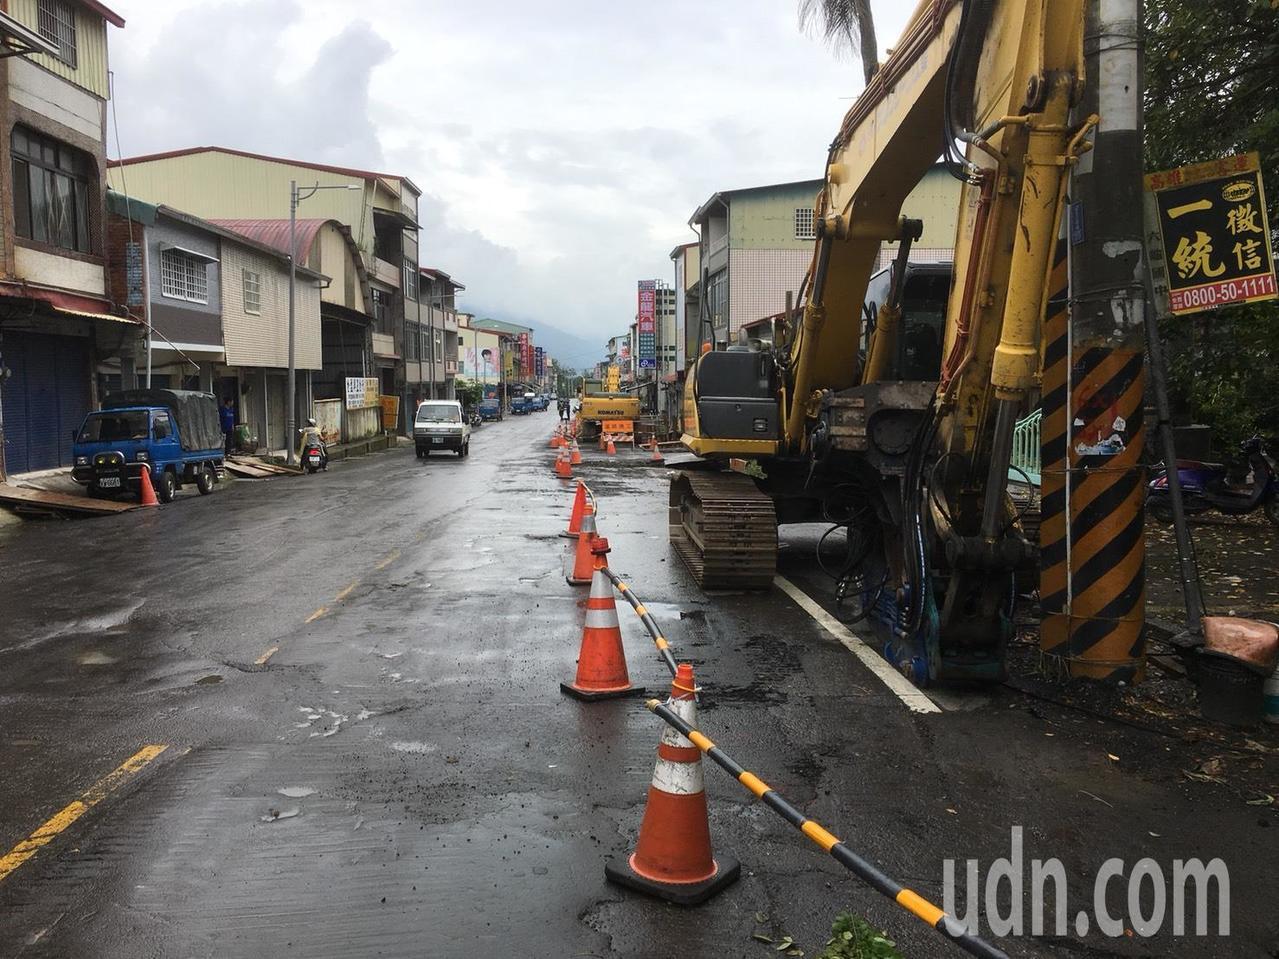 台27甲線六龜區光復路段進行道路拓寬工程,年初施工至今尚未完成。記者徐白櫻/攝影